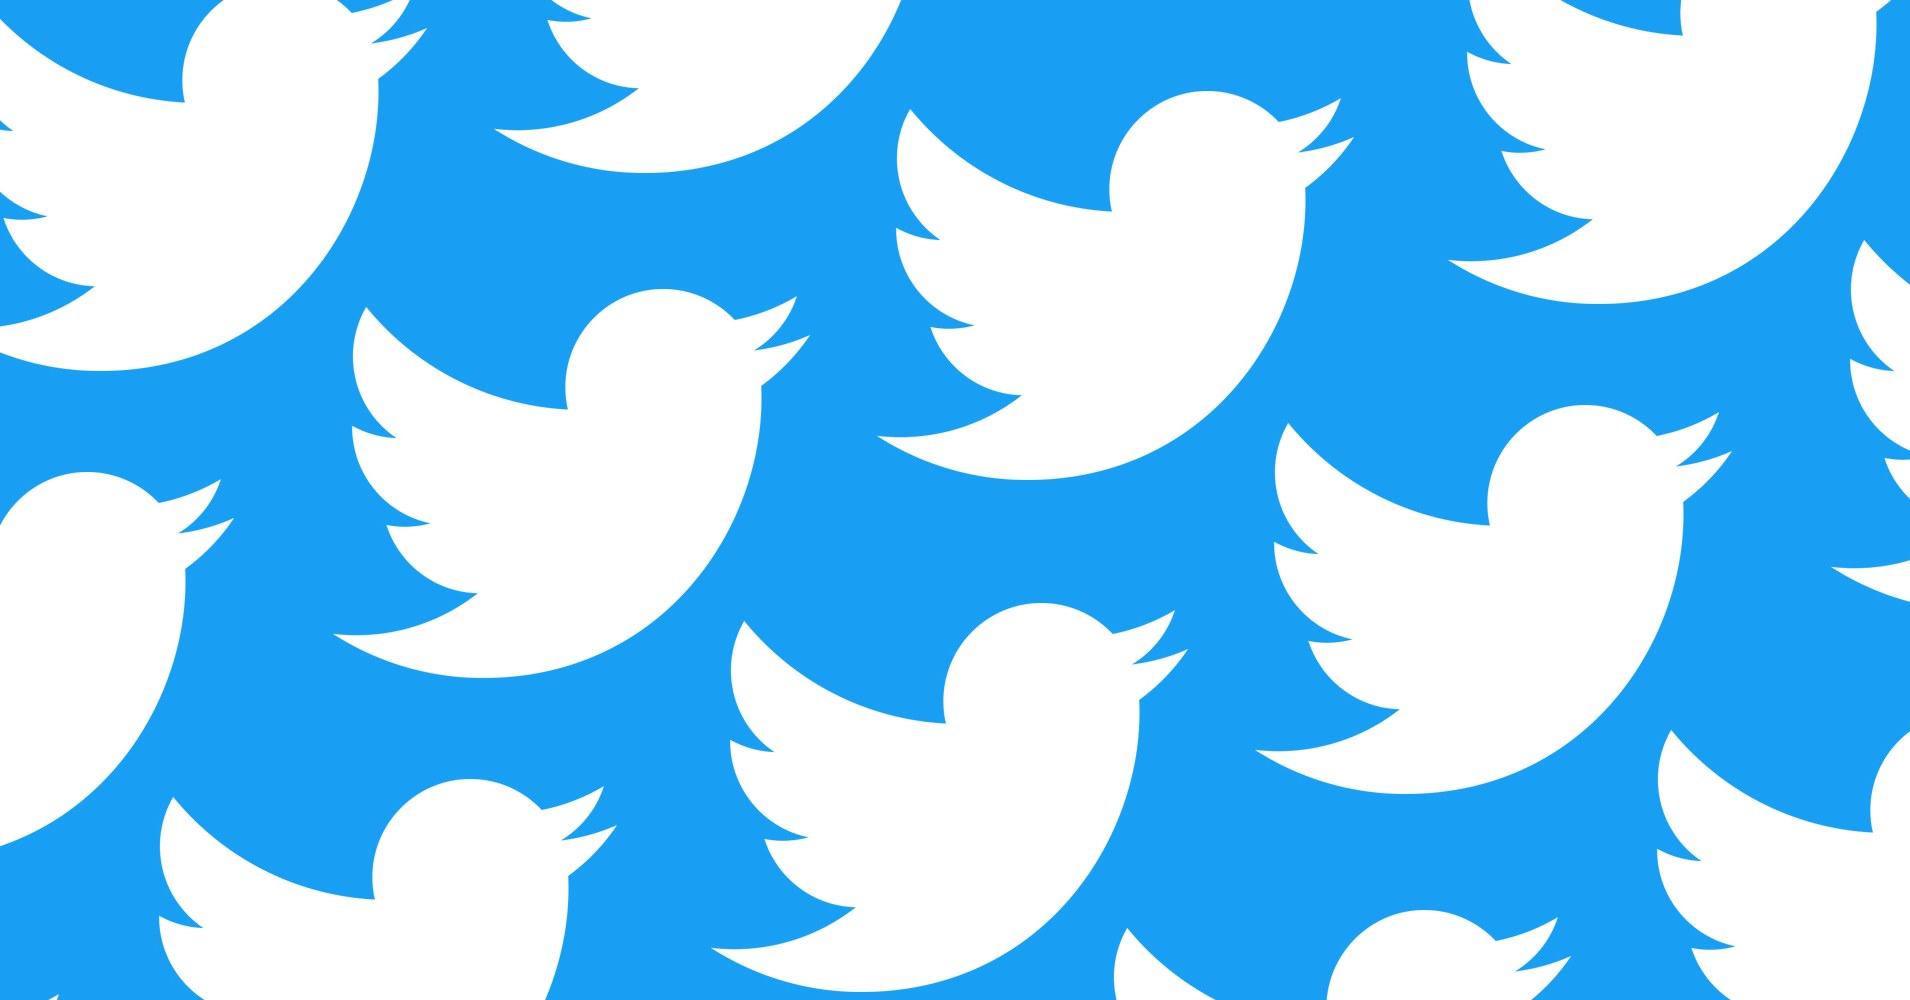 Роскомнадзор требует от Twitter объяснить блокировку российских аккаунтов